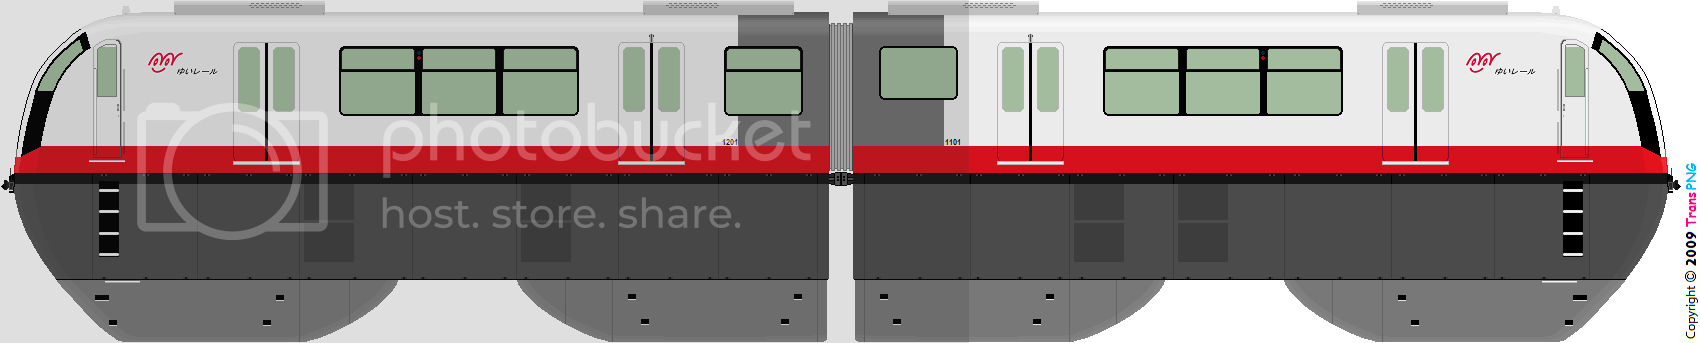 [5094] 沖繩都市單軌鐵道 2094